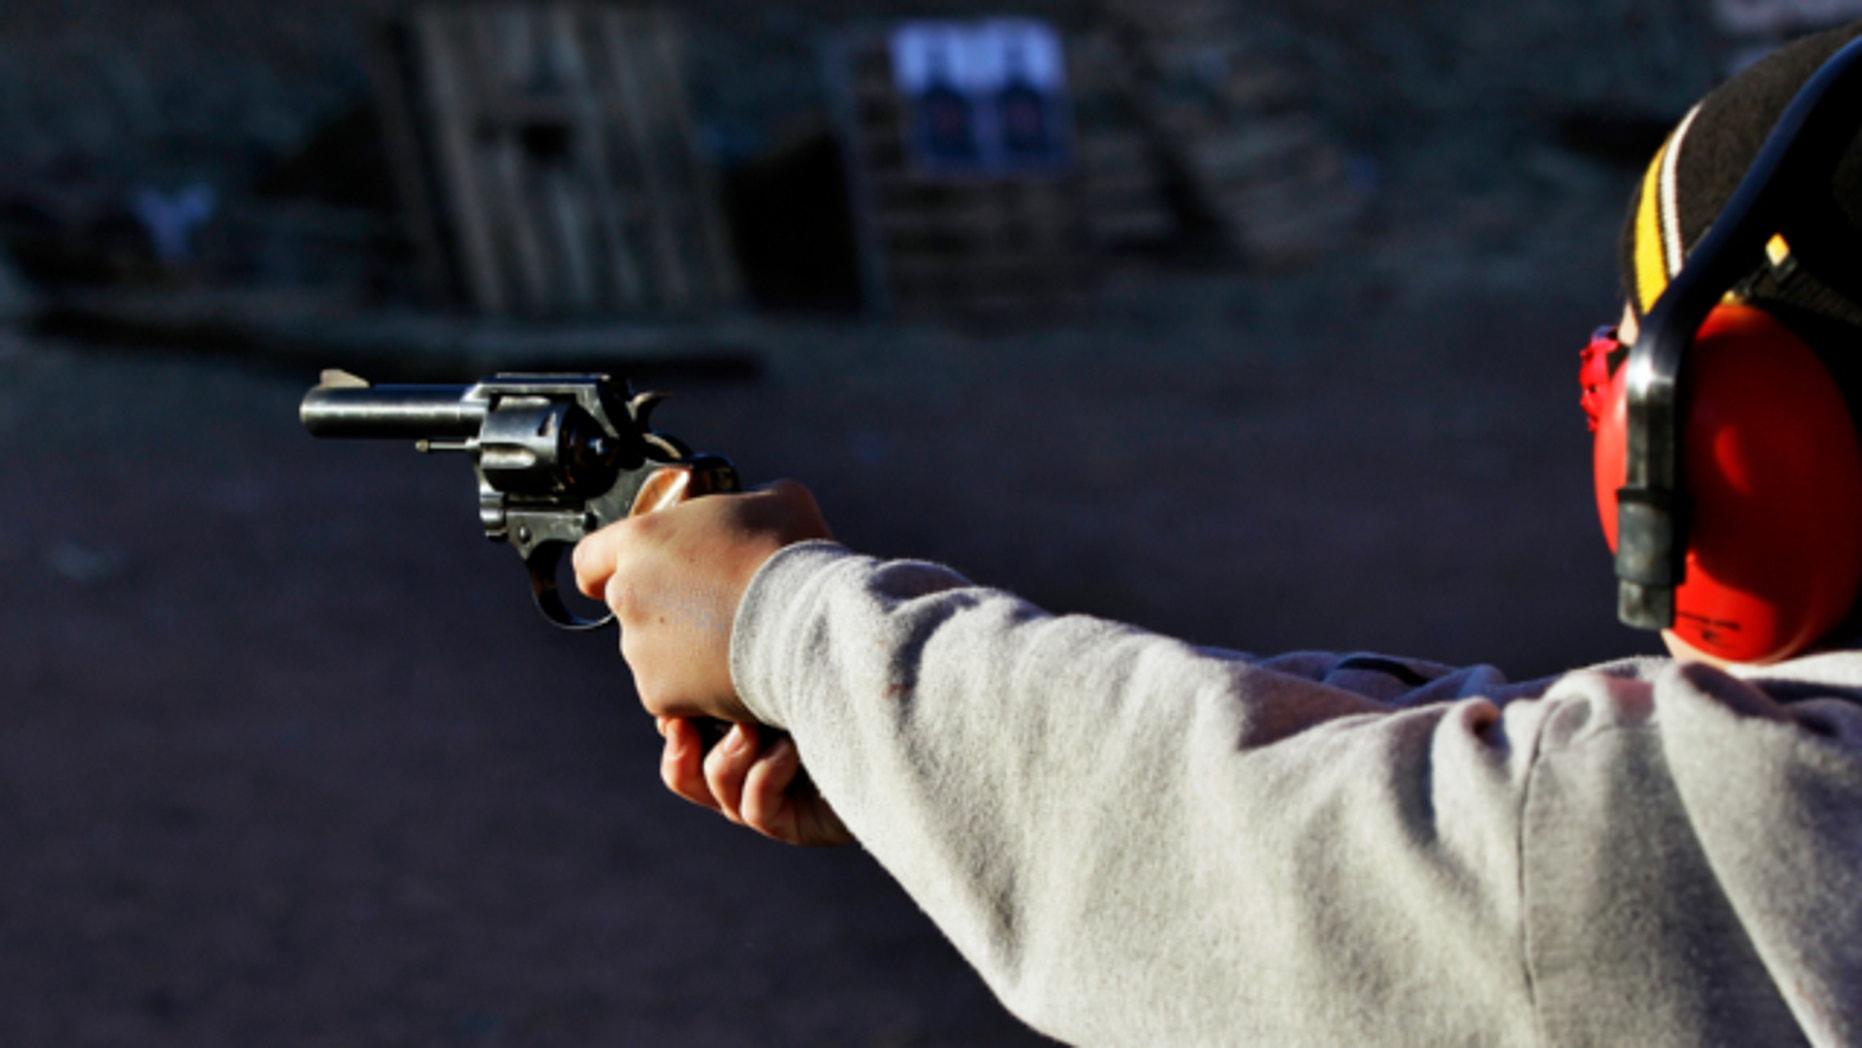 Dec. 23, 2012: A man shoots a revolver, at Dragonman's firing range and gun dealer, outside Colorado Springs, Colo.